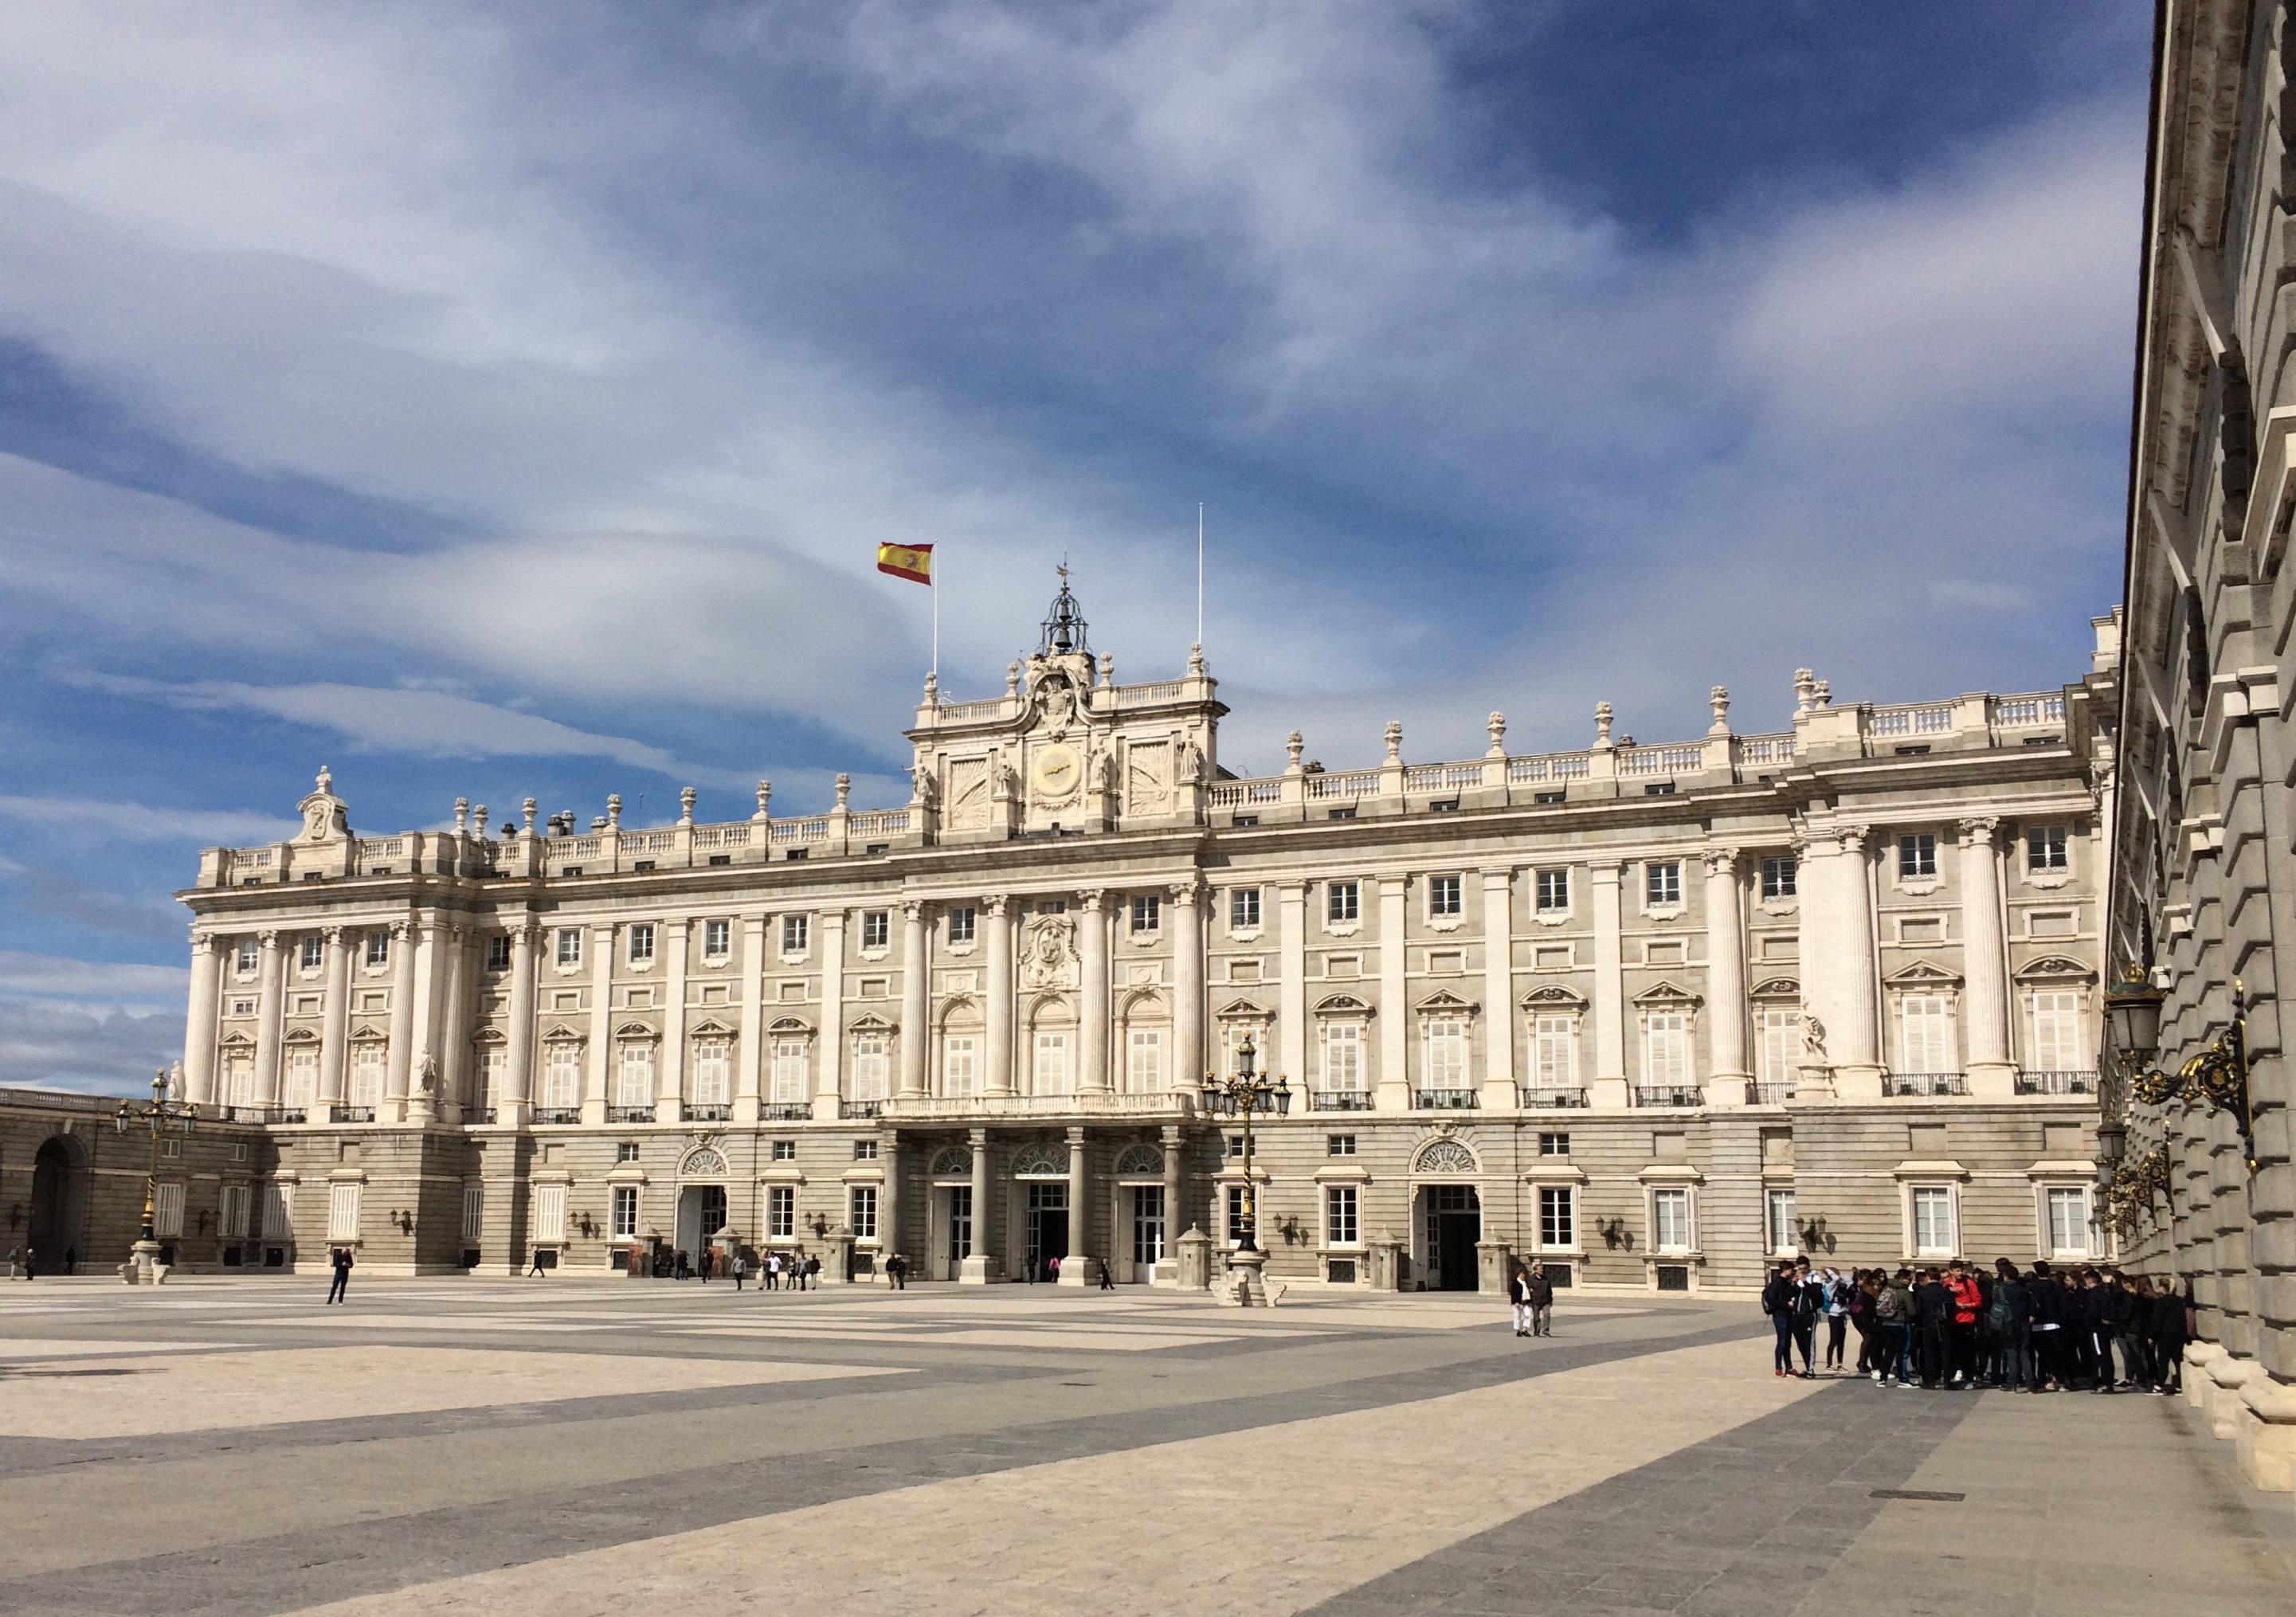 Madrid Palacio Real Royal Palace